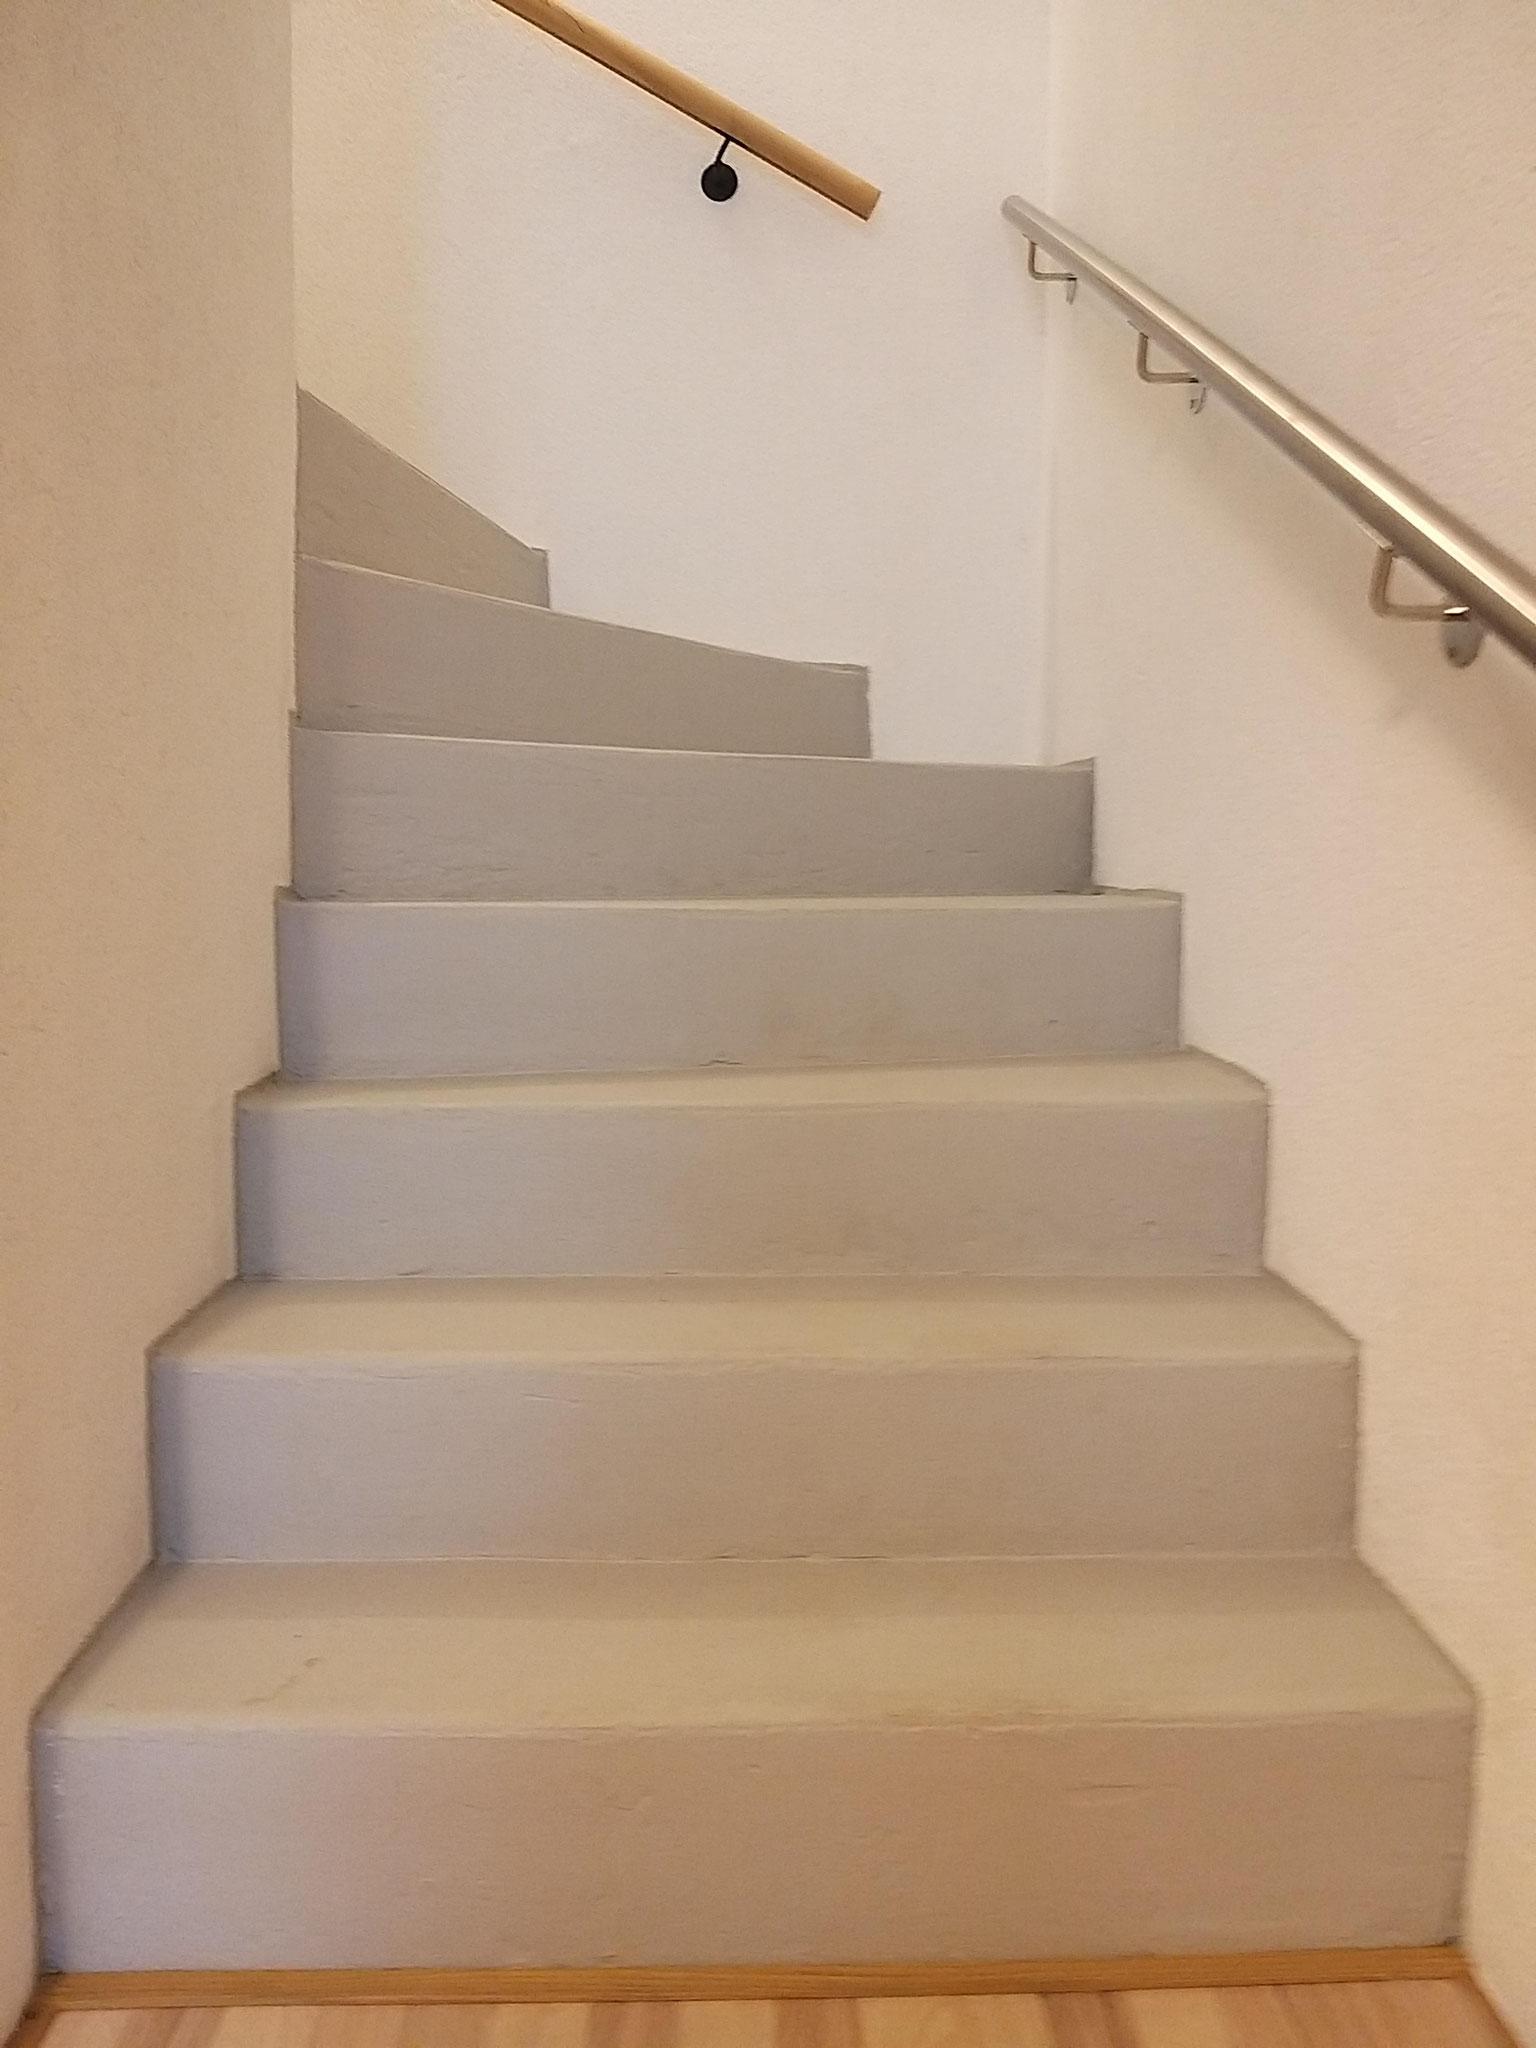 Antirutschfarbe Treppe Safekote Telegrau 4 - © Voser-s-Fugen